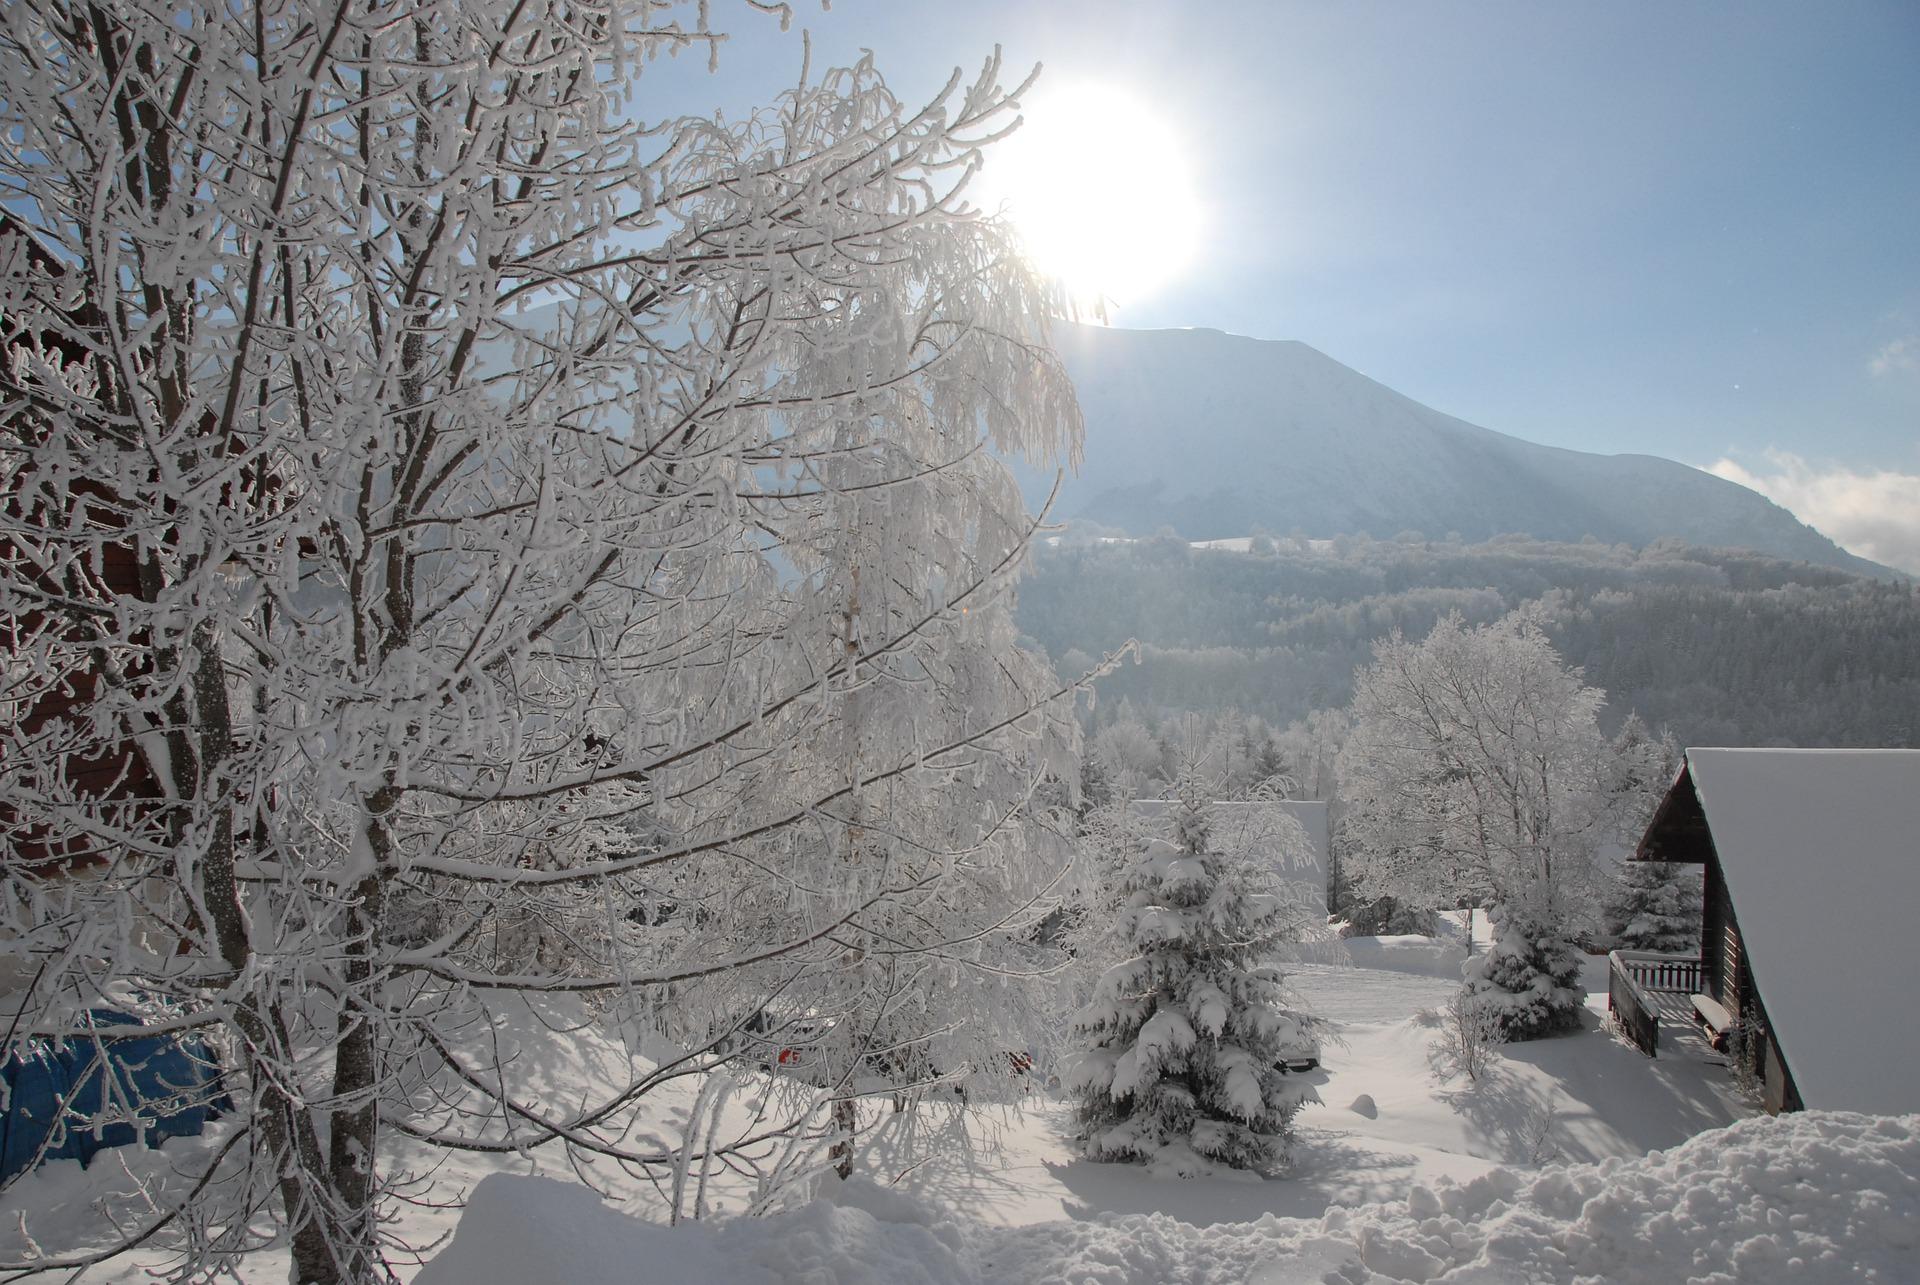 snowy landscape 4662304 1920